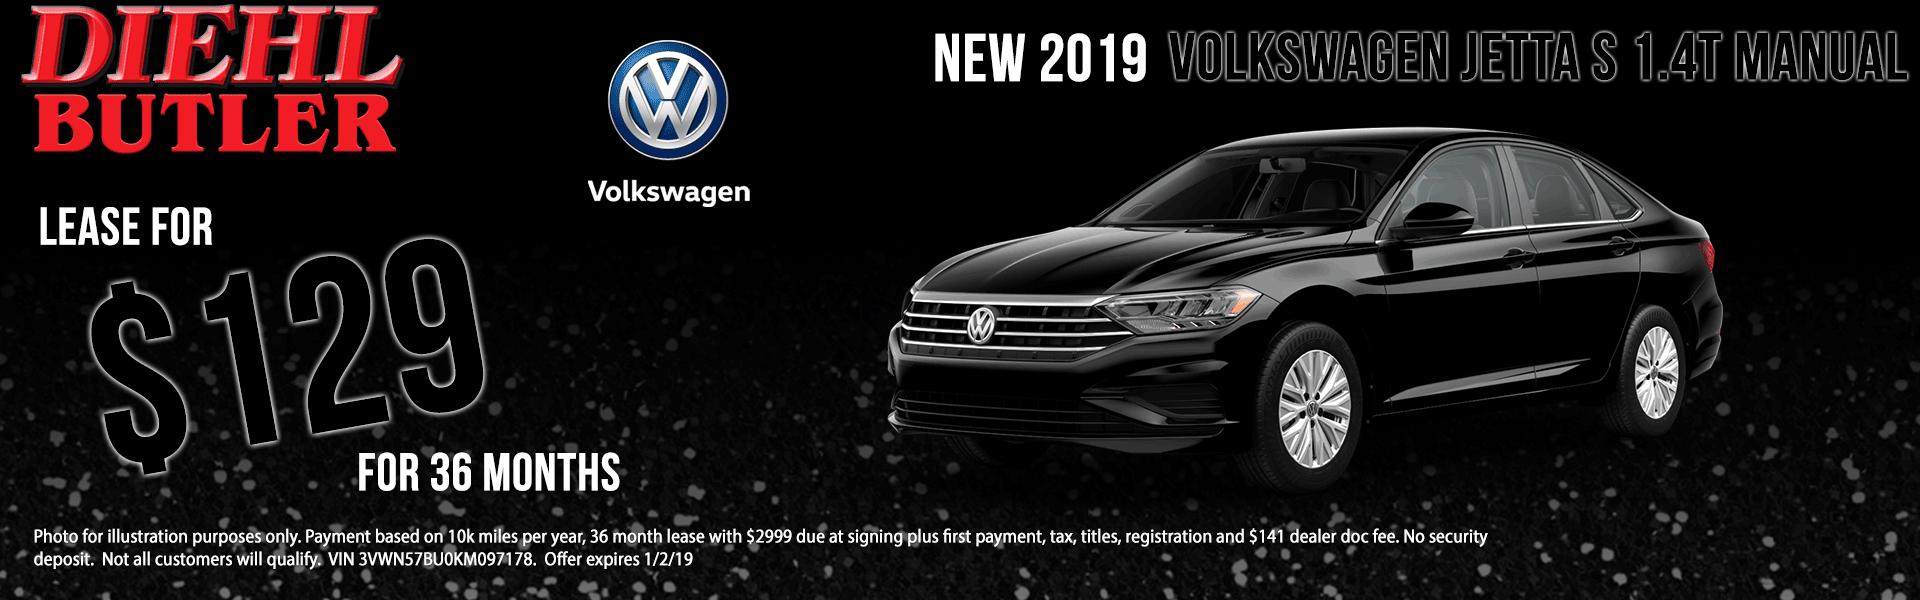 Diehl Volkswagen of Butler pa. New used parts service. New 2019 Volkswagen Jetta 1.4T S FWD 4D Sedan